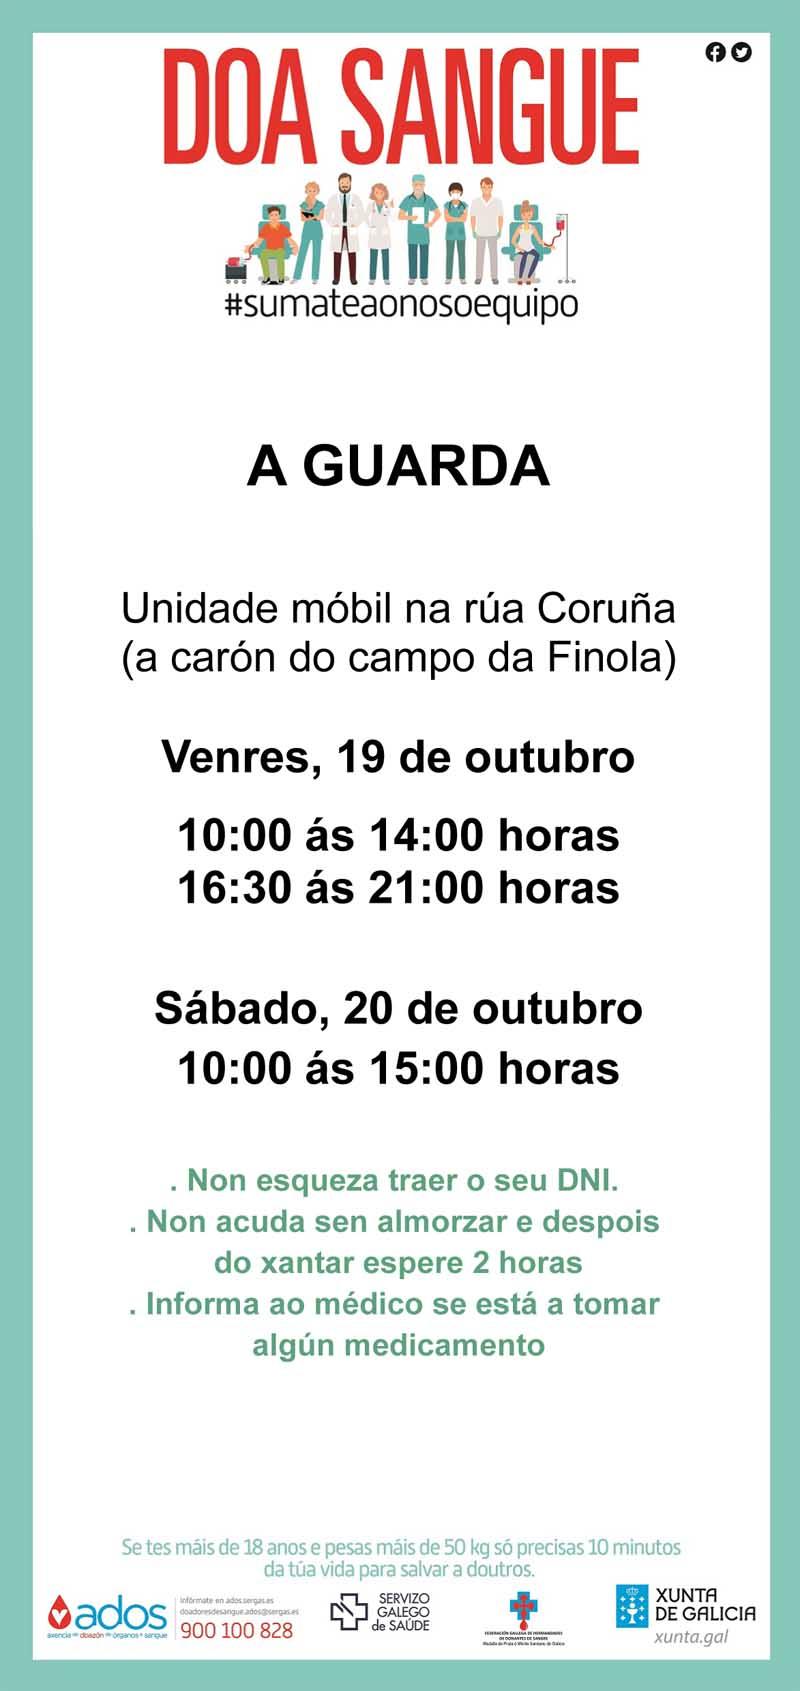 Este autobús estará emprazado na Rúa Coruña, ao carón do Campo da Fínola o venres en horario de 10:00h a 14:00h e de 16:30h a 21:00 horas e o sábado en horario de 10:00h a 15:00 h.